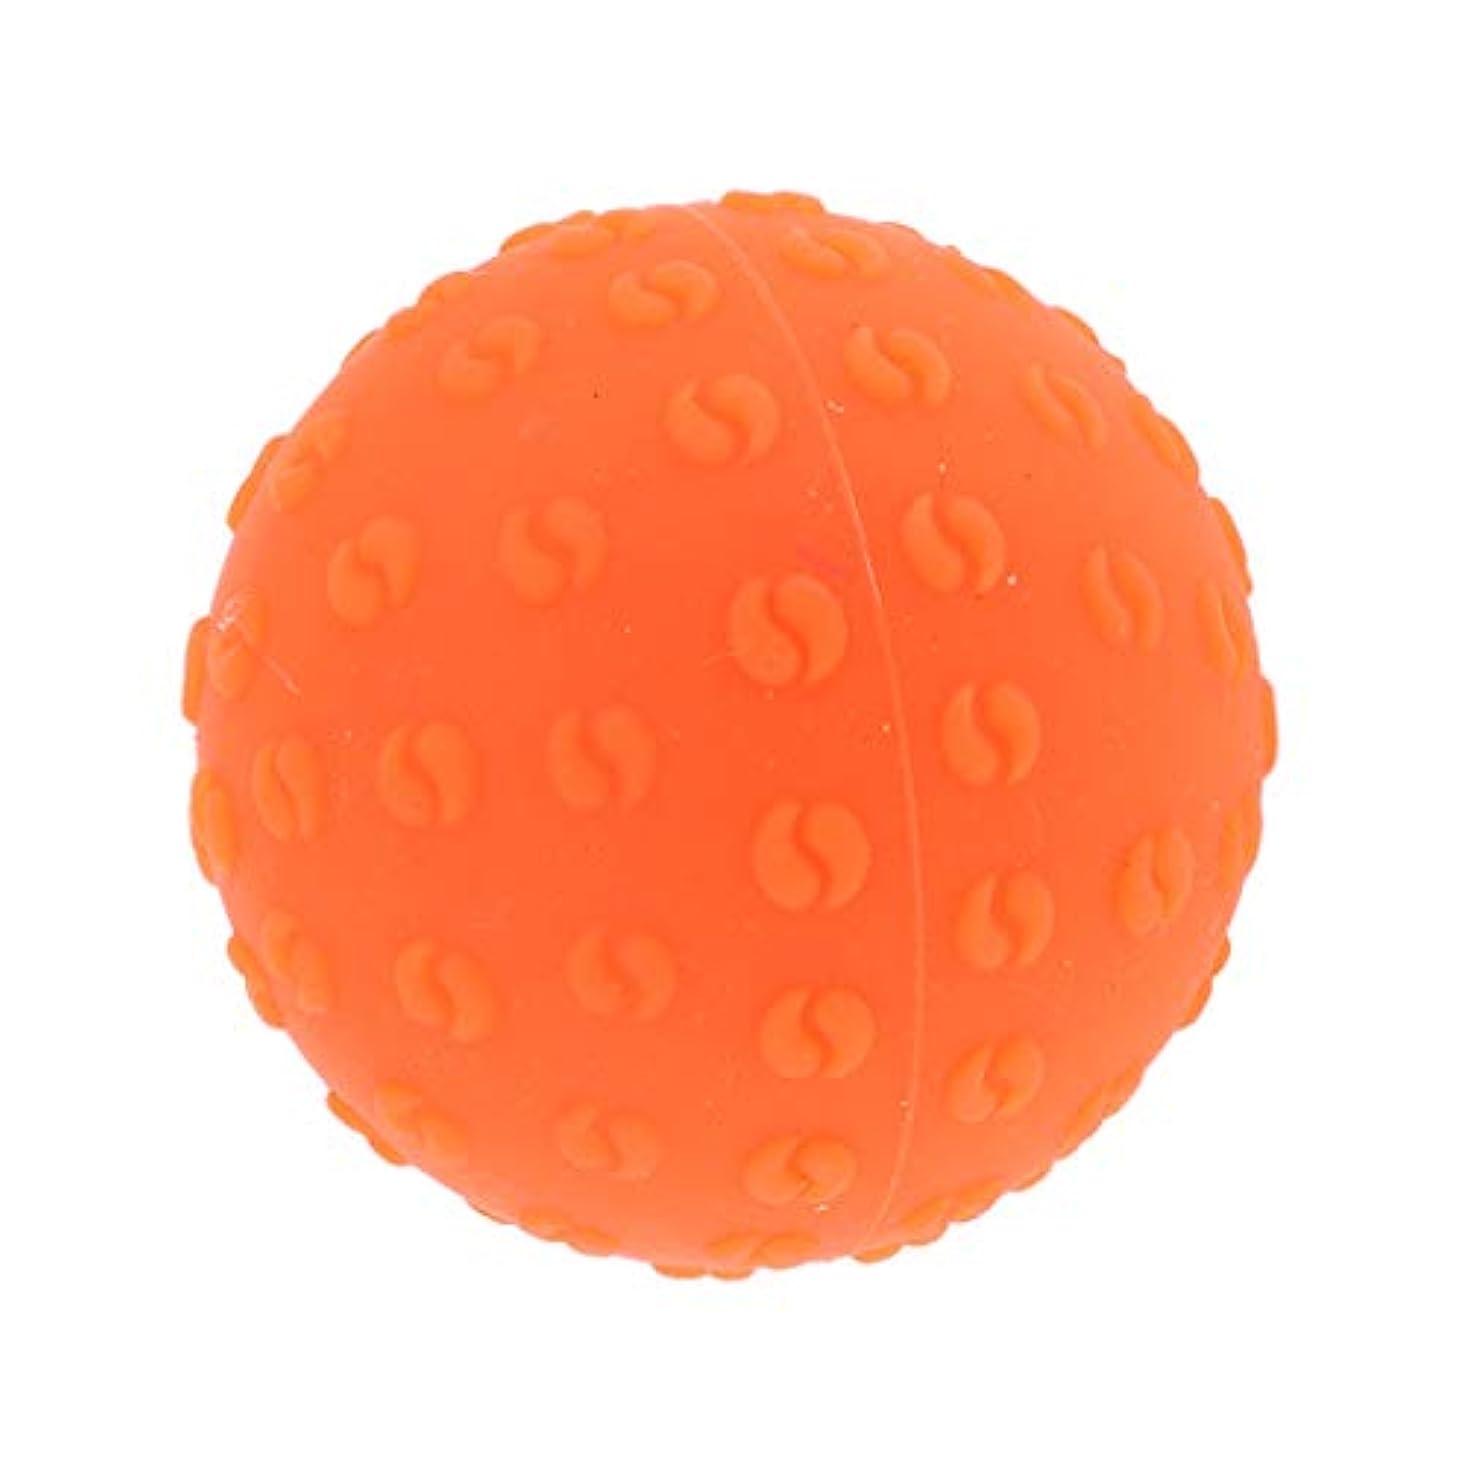 まつげ証言する血まみれマッサージボール 指圧ボール シリコーン トリガーポイント 足底筋膜炎 ヨガ ツボ押しグッズ 全6色 - オレンジ, 説明のとおり